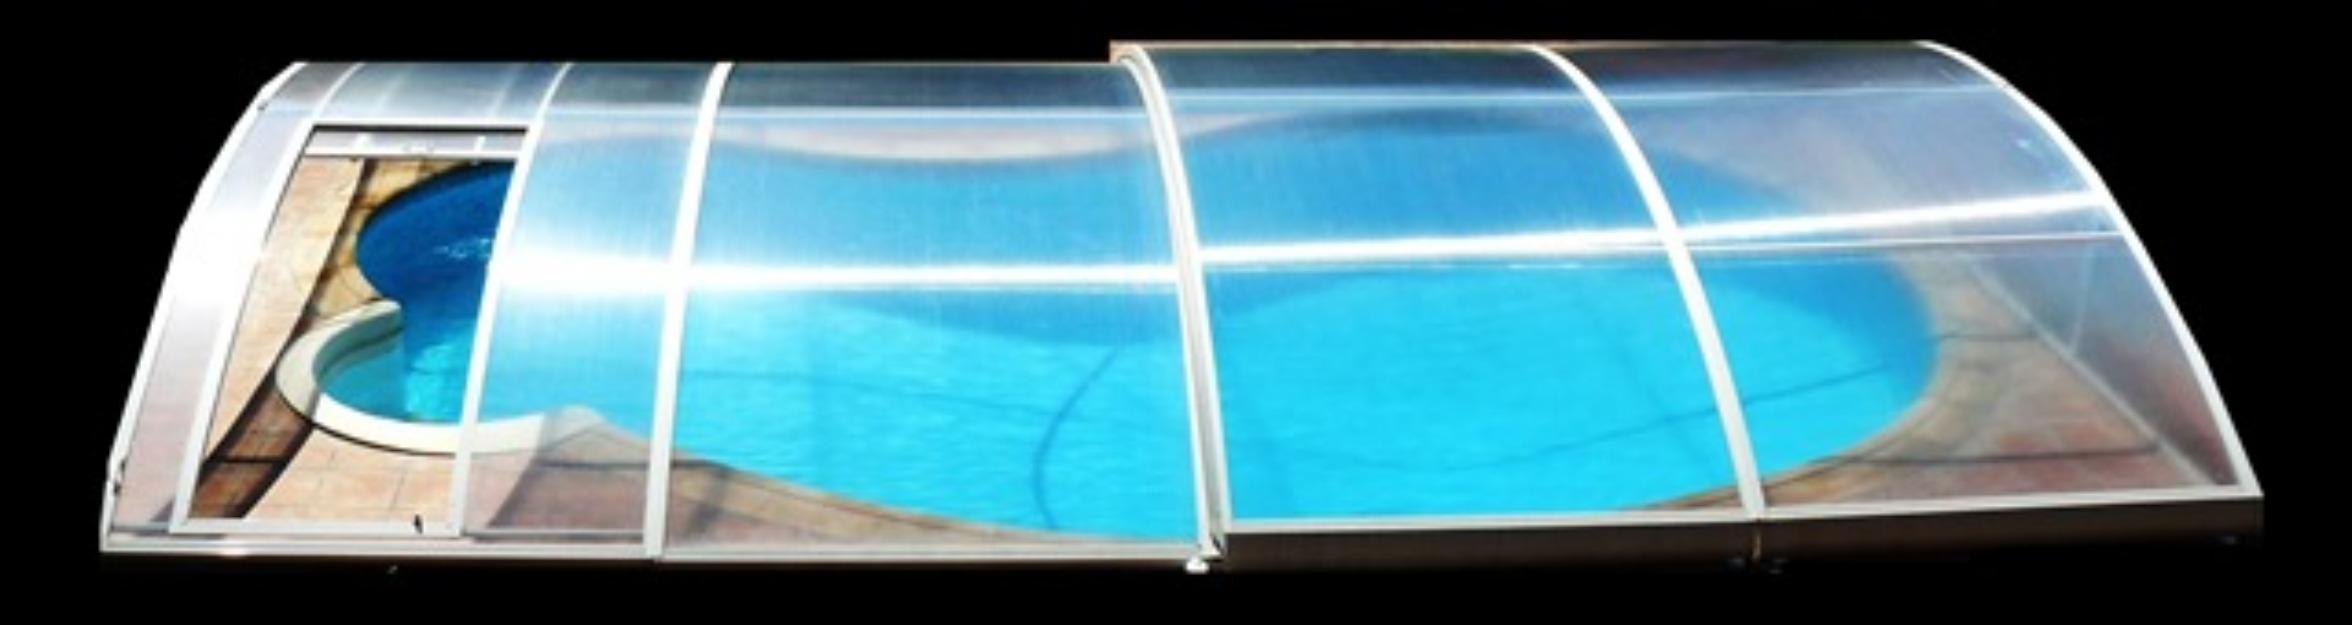 Cubierta piscina policarbonato 8x4 mts mejor precio - Costo piscina 8x4 ...